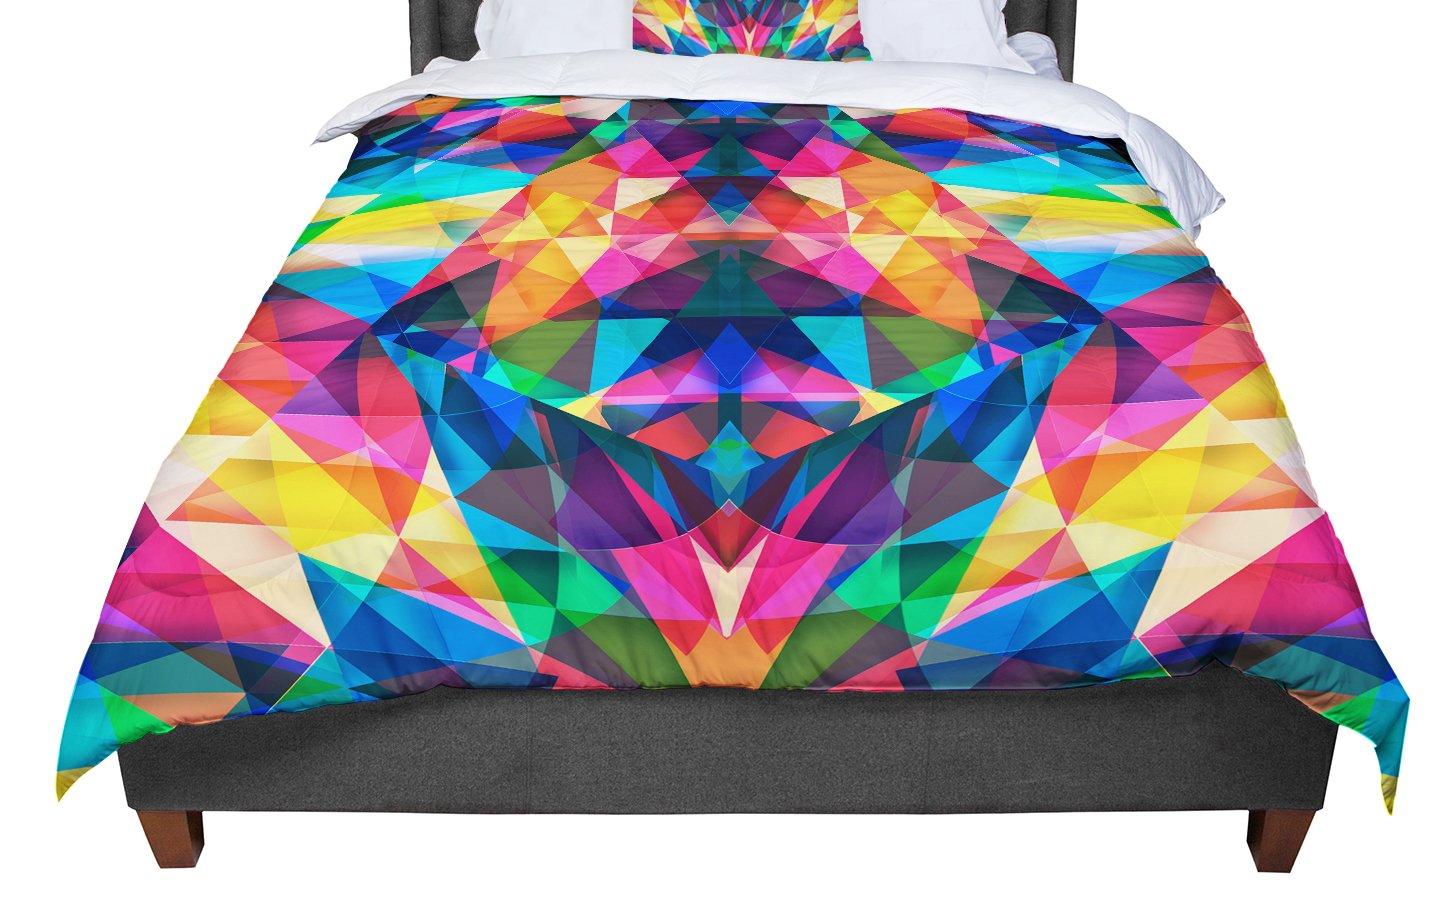 KESS InHouse Danny Ivan Day We Met Rainbow Geometric Queen Comforter 88 X 88